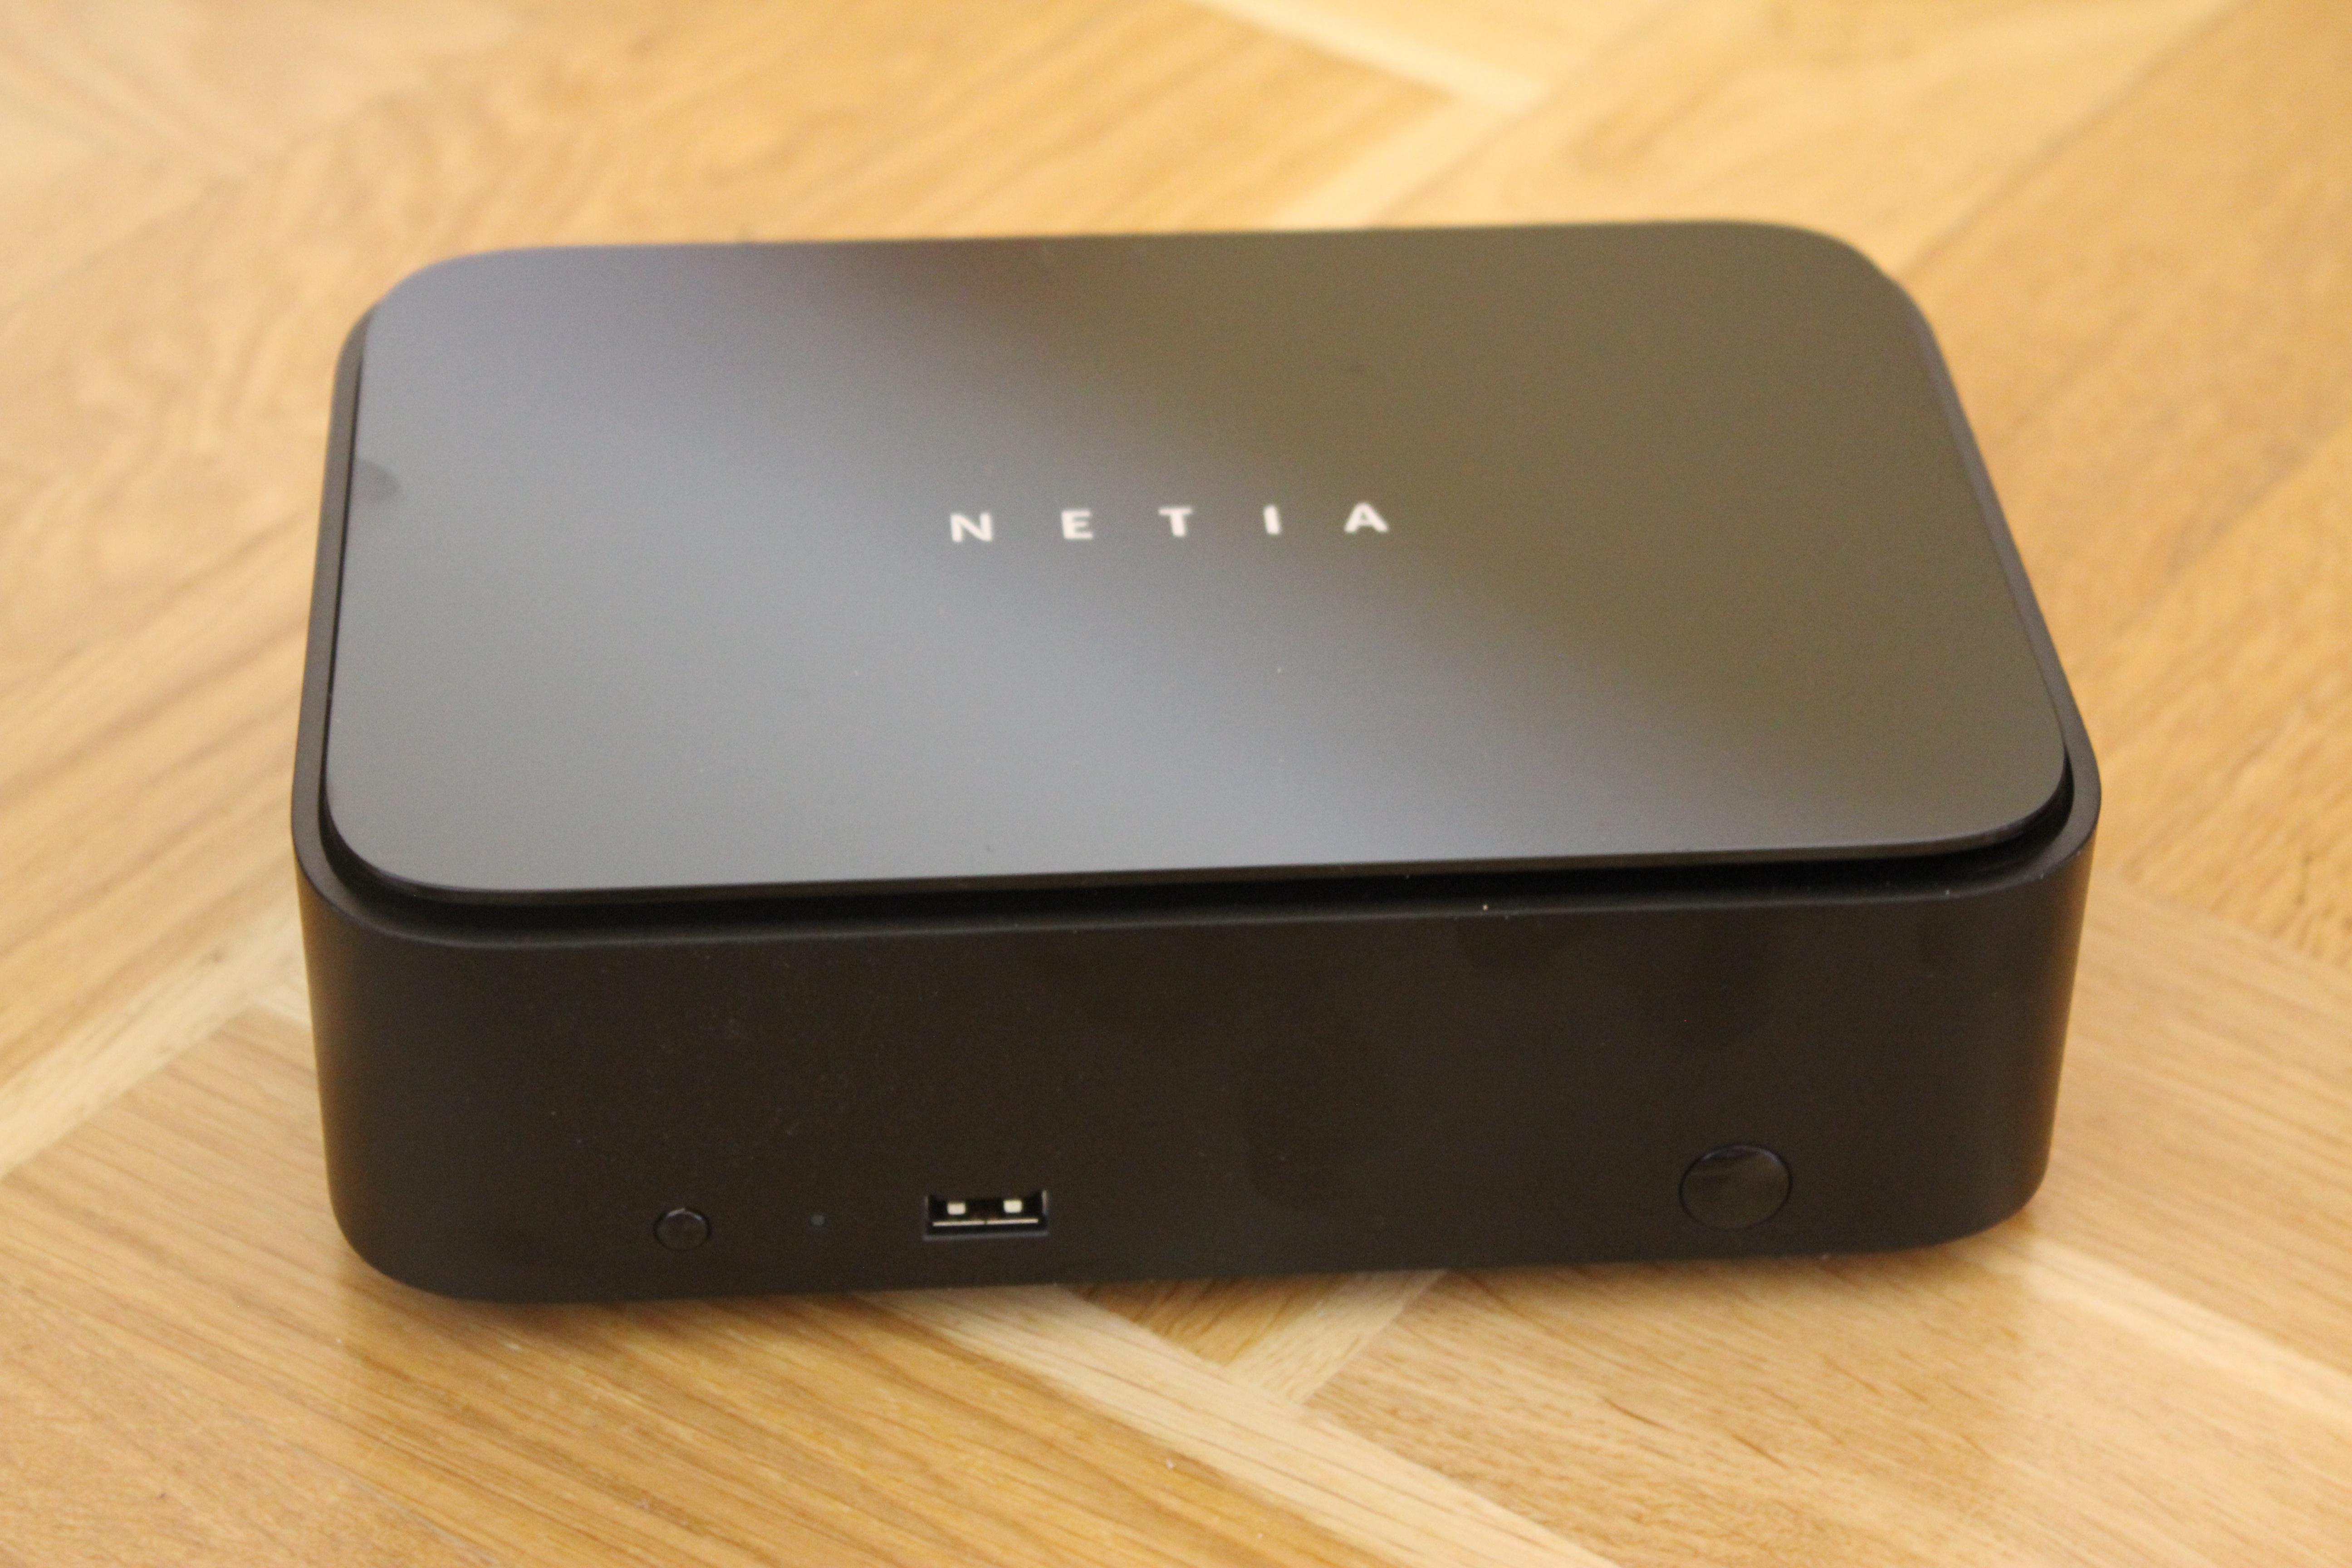 Netia Player: set-top-box na miarę telewizji osobistej – recenzja Spider's Web